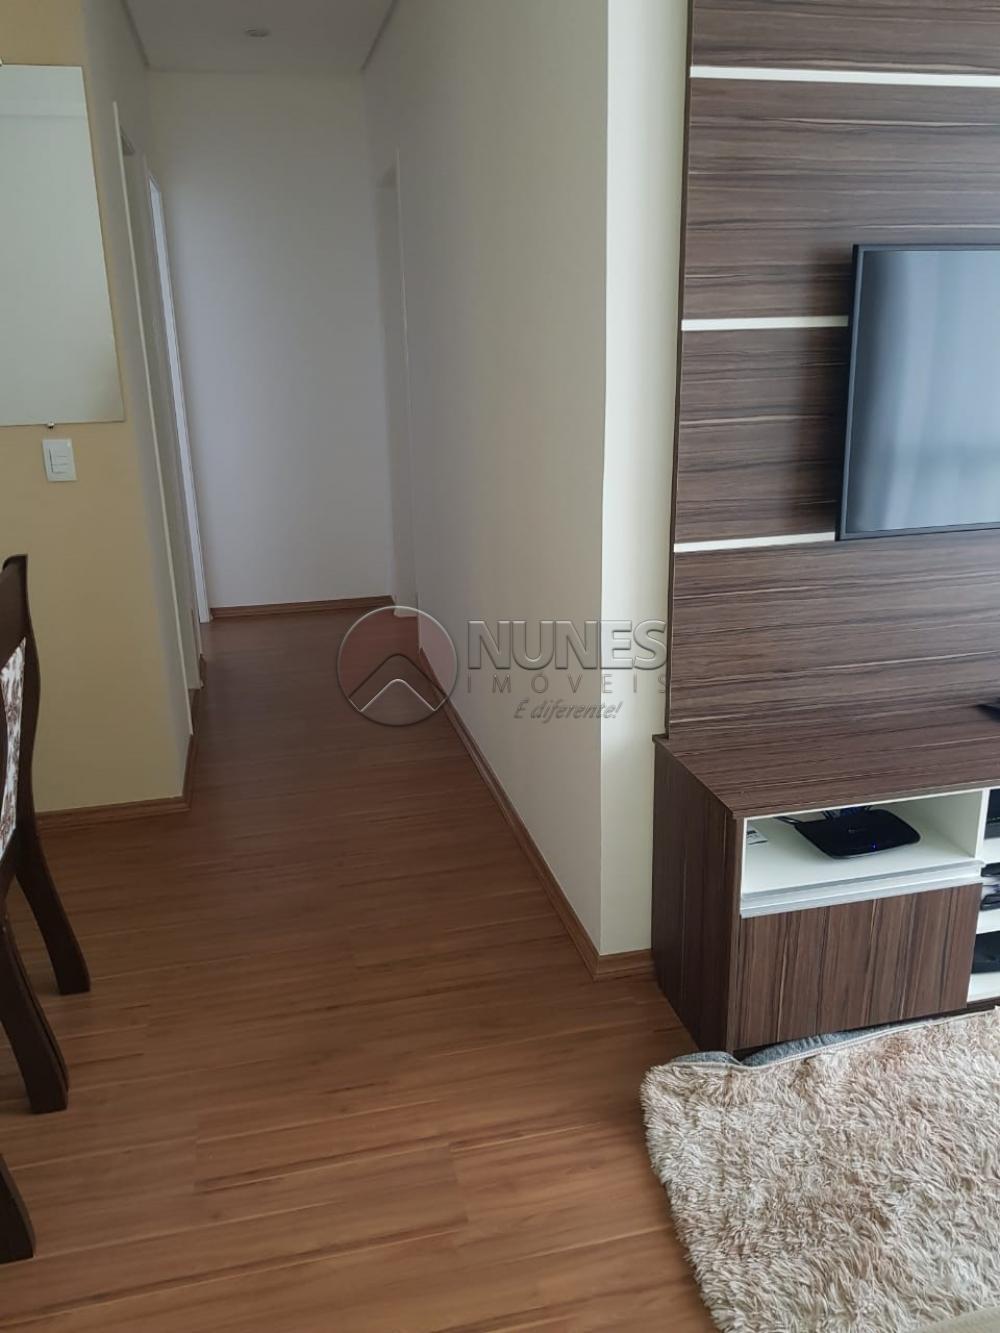 Comprar Apartamento / Padrão em Santana de Parnaíba apenas R$ 298.000,00 - Foto 2